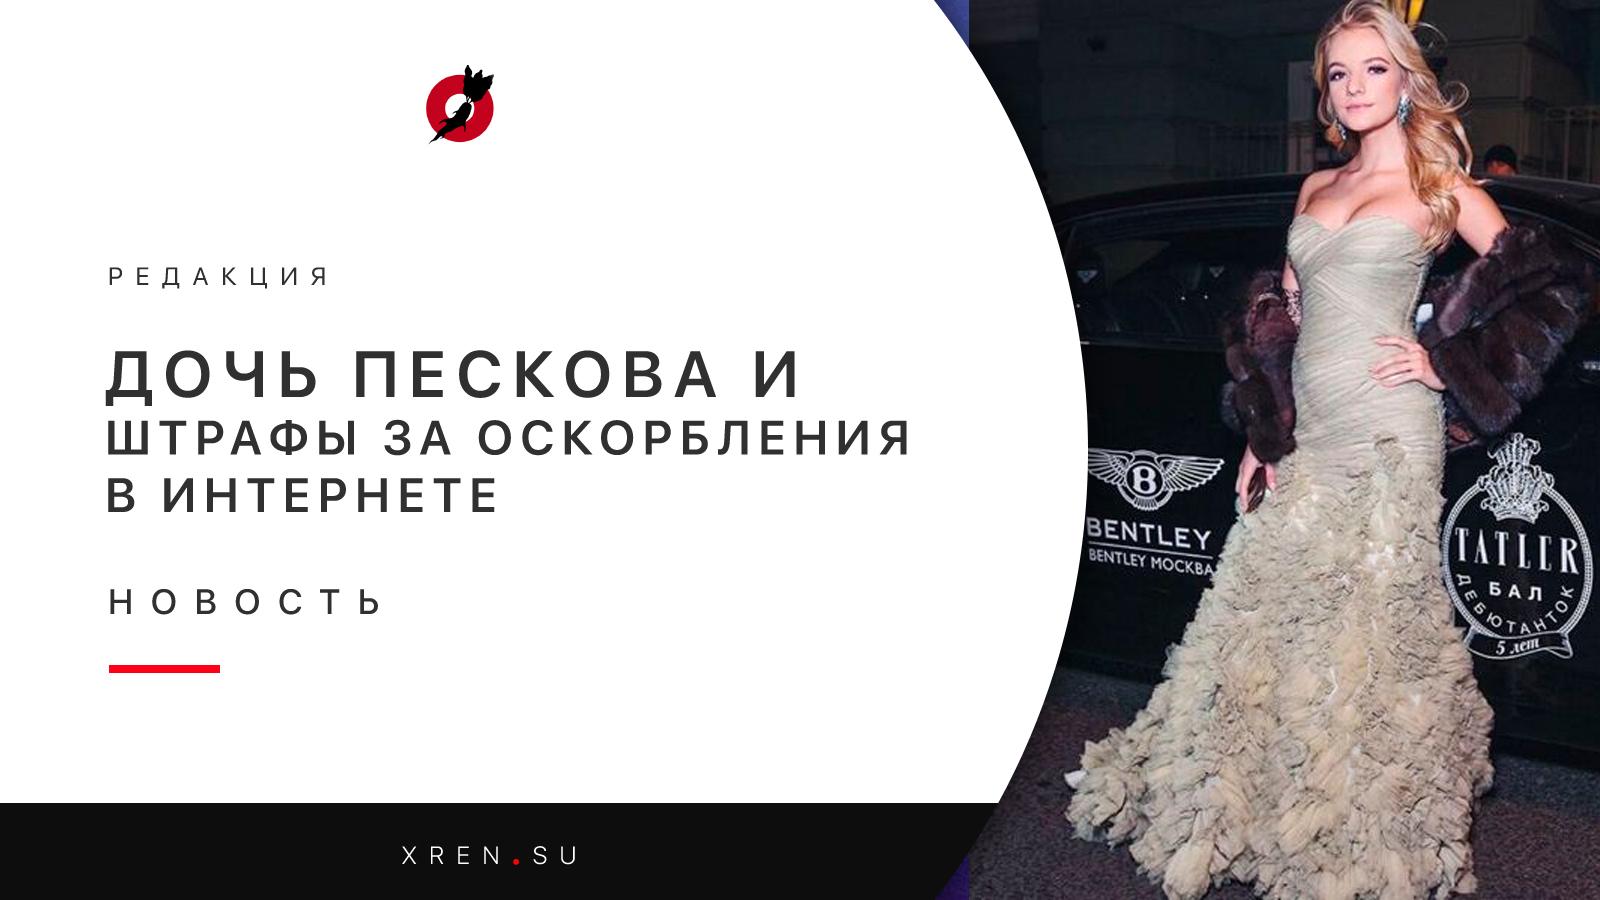 Дочь Пескова и штрафы за оскорбления в Интернете.